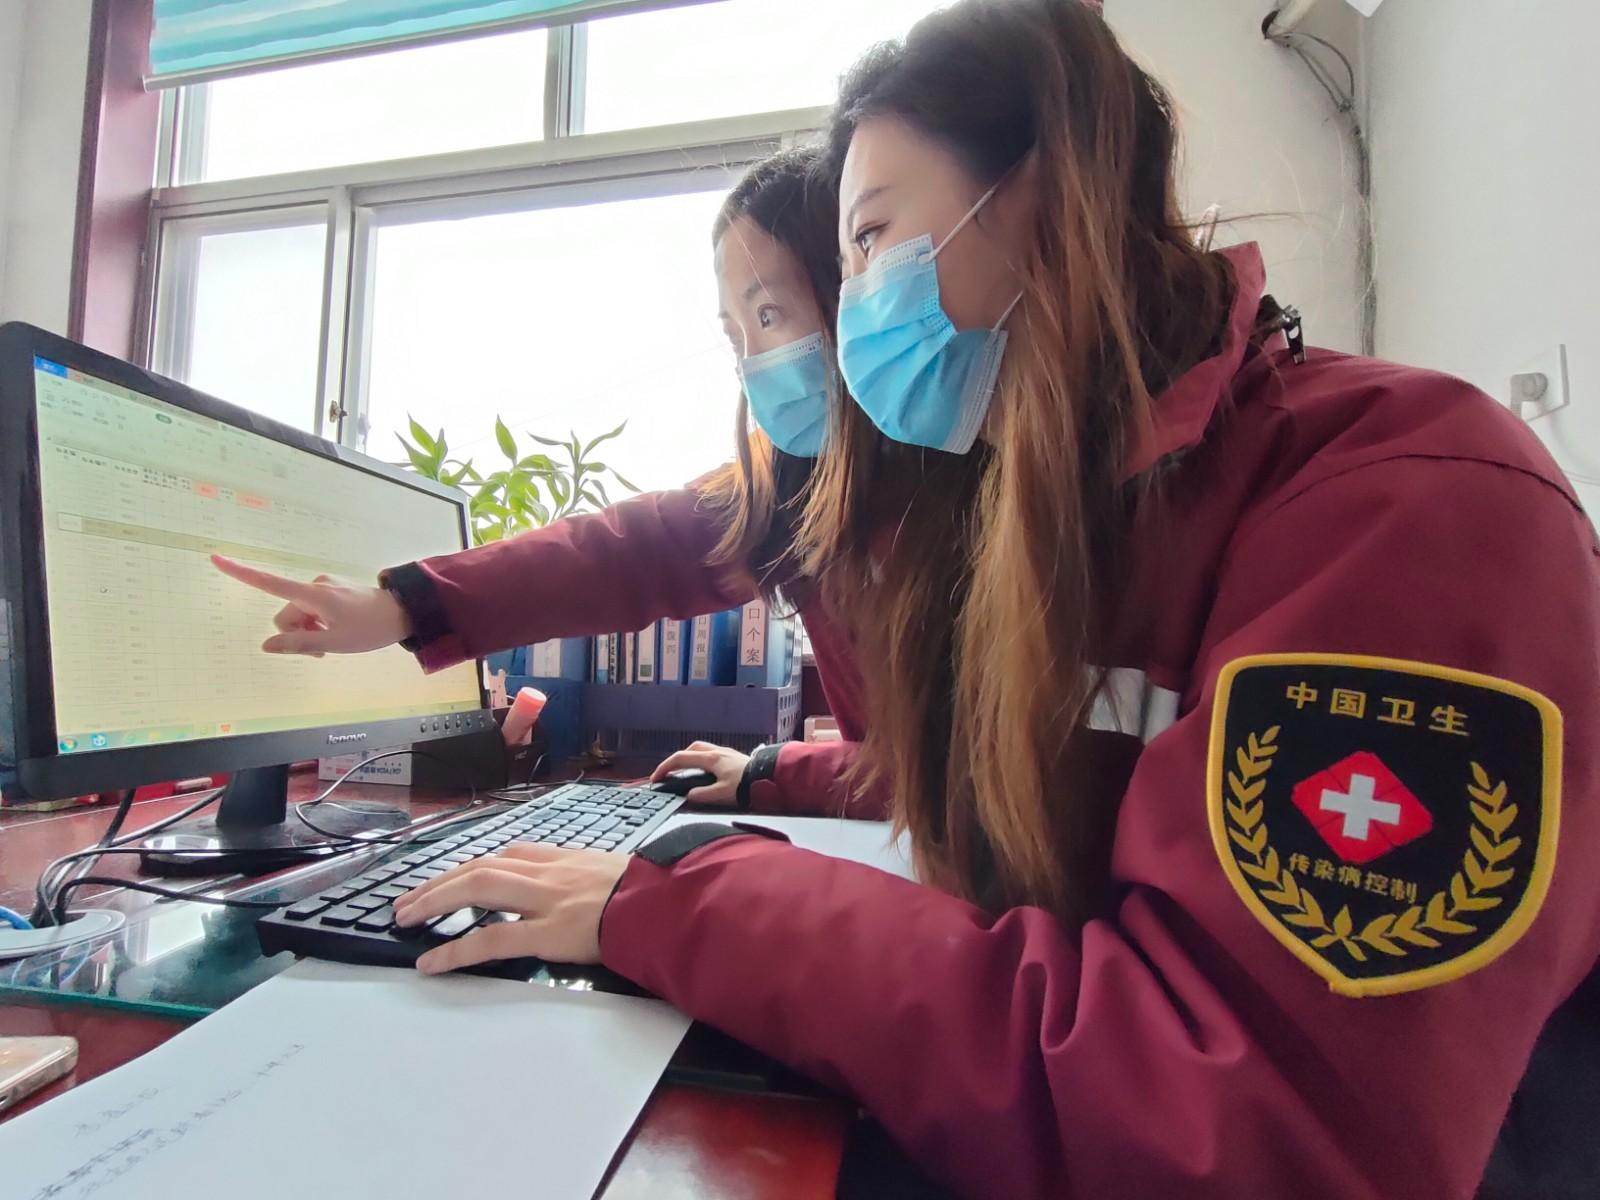 2021年春节假期,无棣县疾控中心工作人员坚守岗位、主动担当作为,做好信息收集、境外返回人员接转等疫情防控工作。